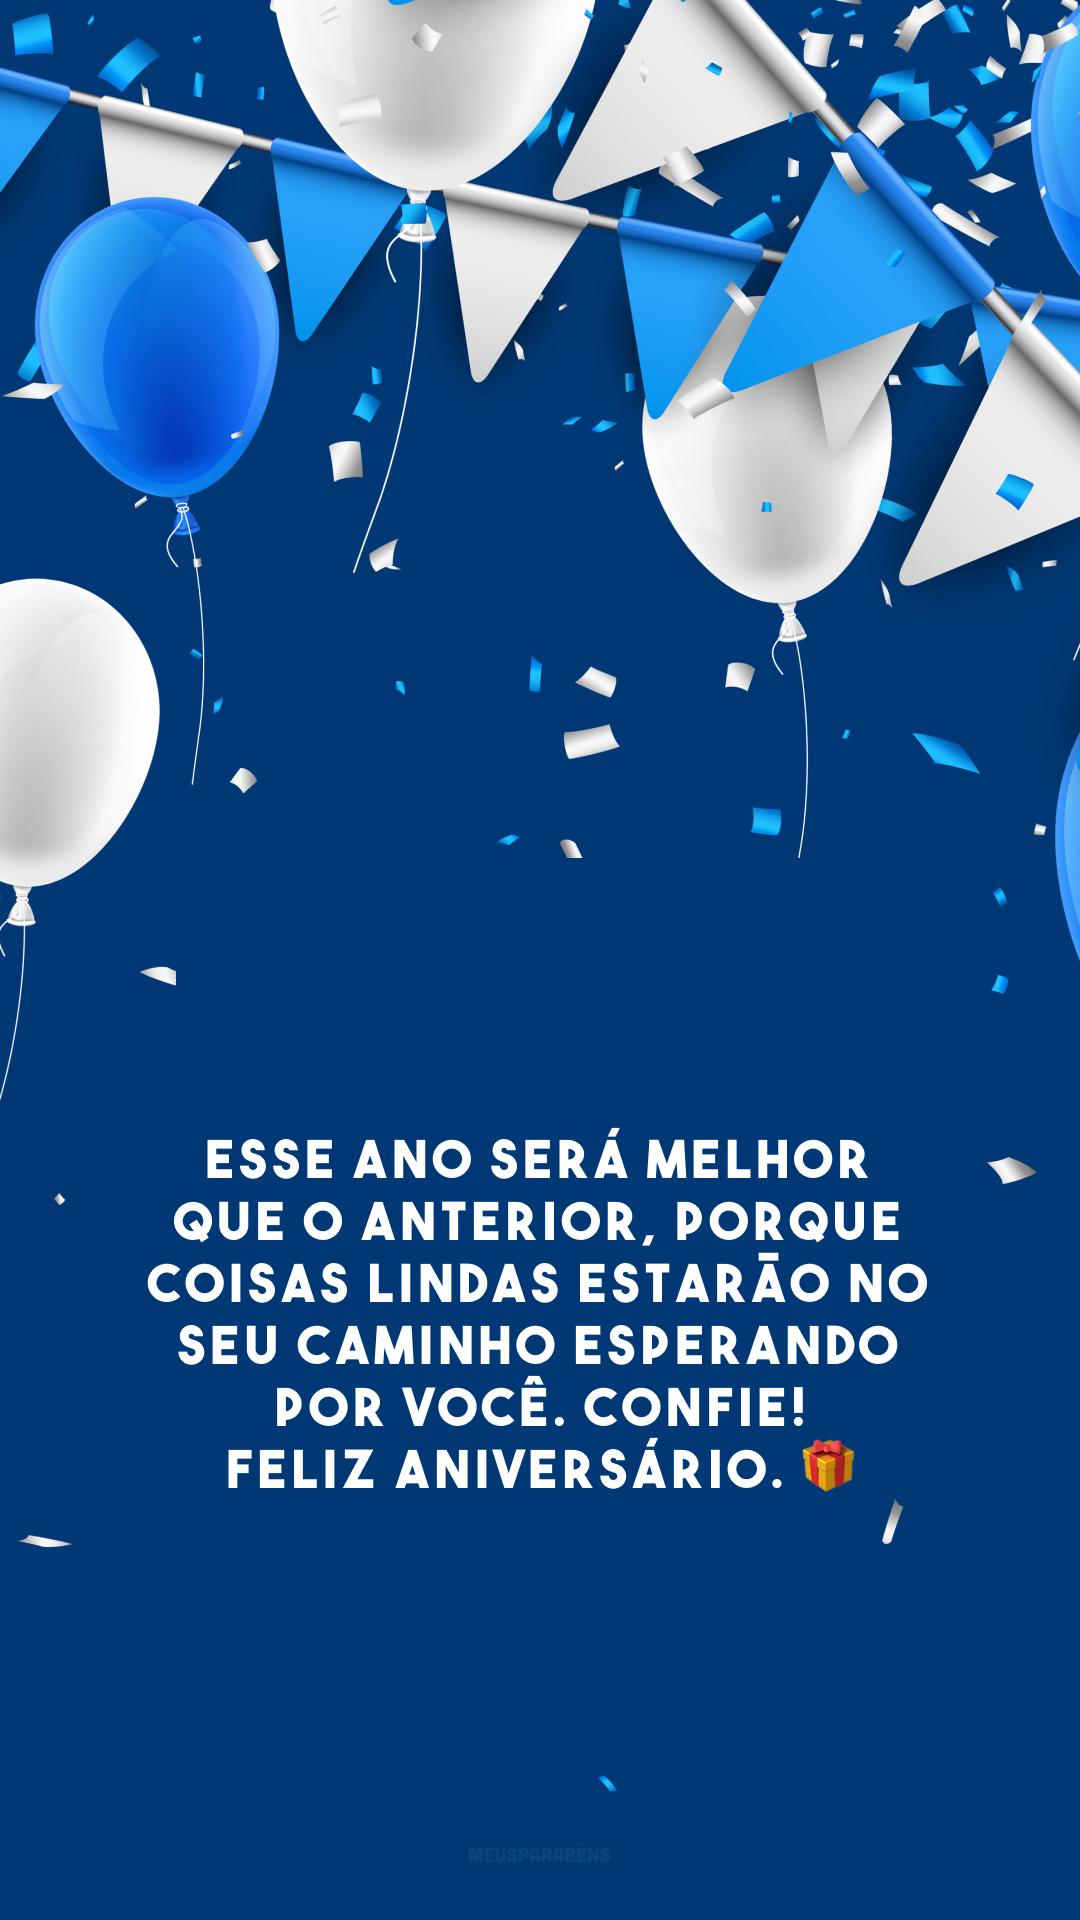 Esse ano será melhor que o anterior, porque coisas lindas estarão no seu caminho esperando por você. Confie! Feliz aniversário. 🎁